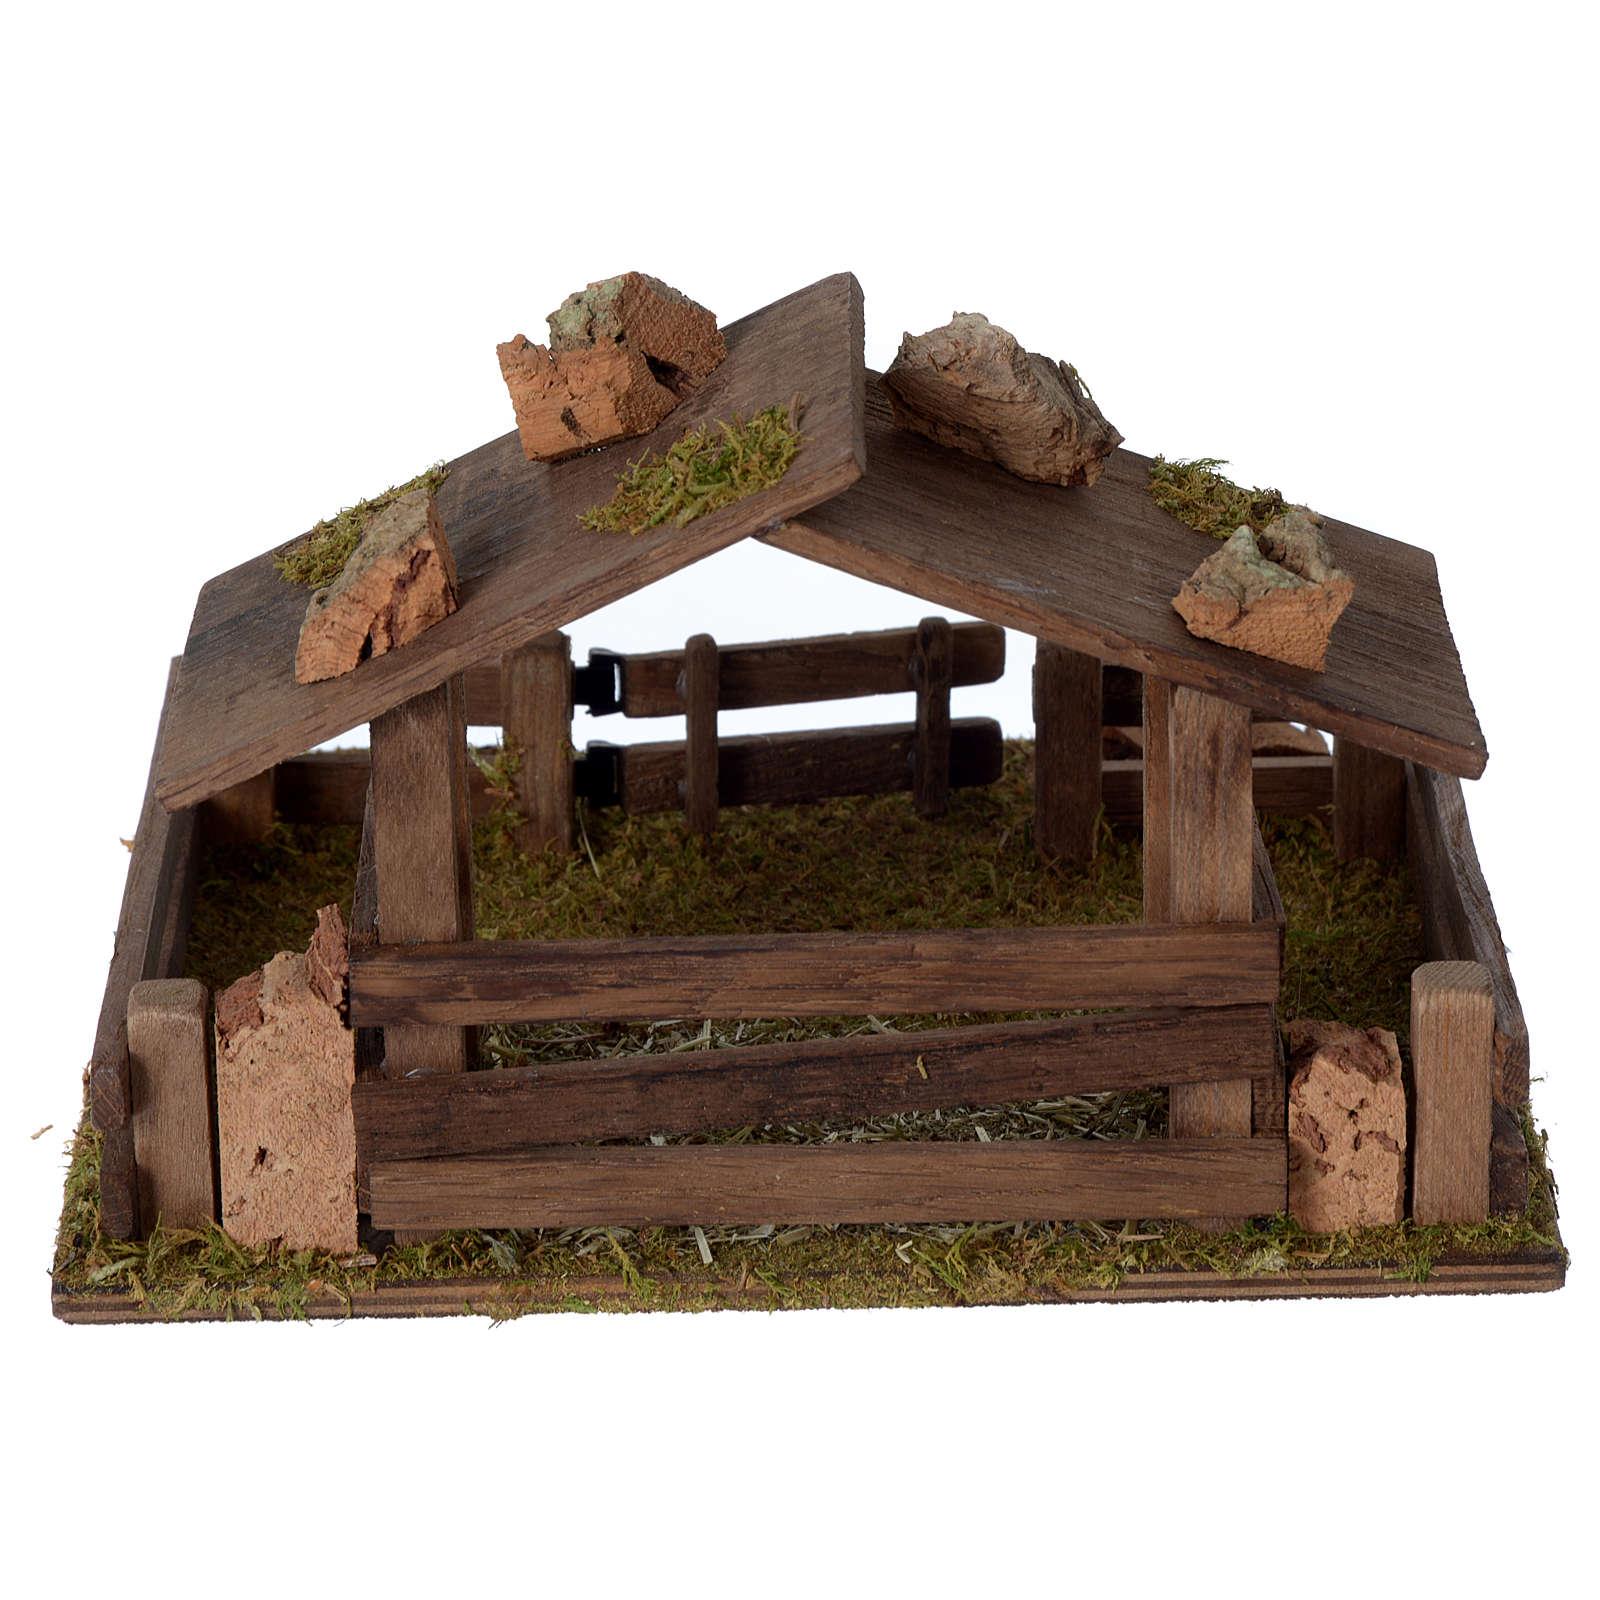 Pen with shelter for 10-12 cm nativity scene 3